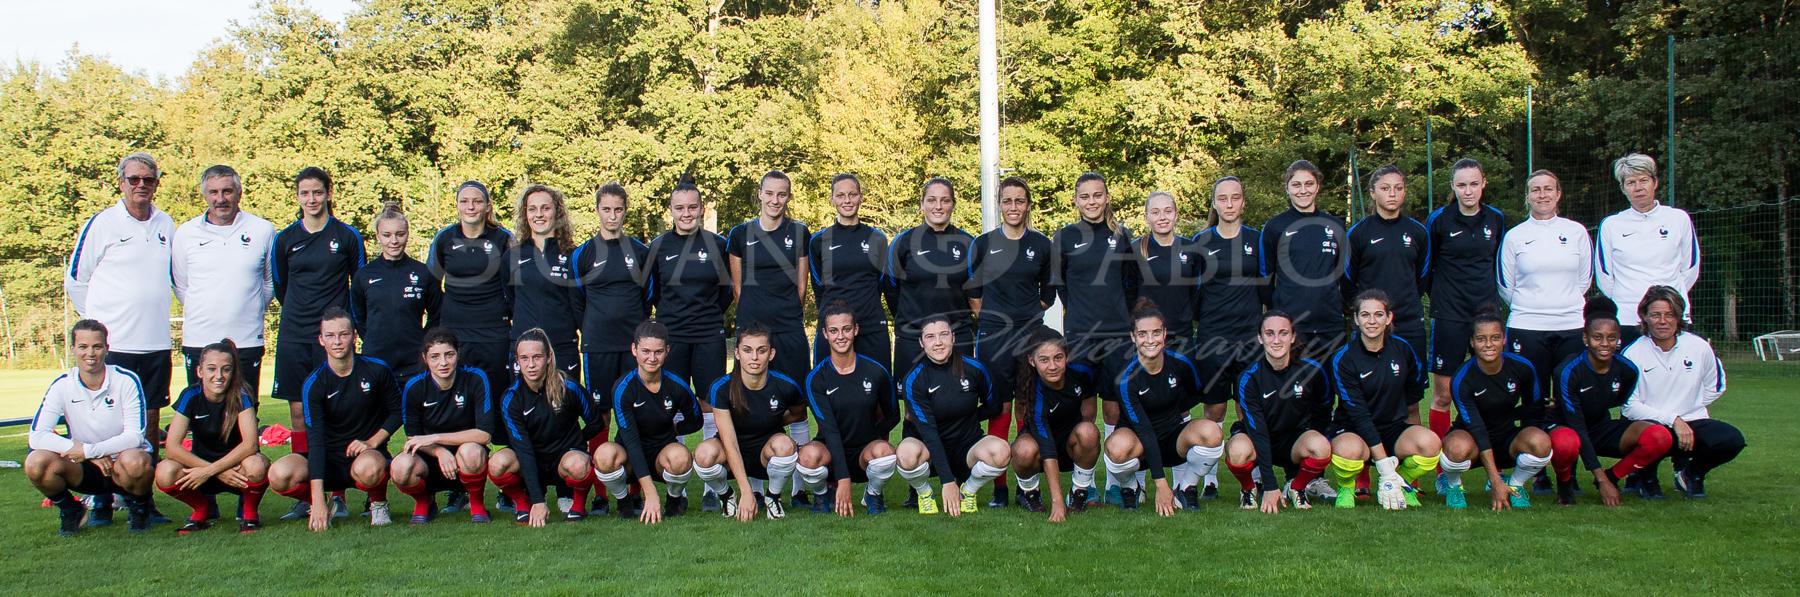 Tournoi U19 – L'Angleterre prend le meilleur sur la France en 2è mi-temps (1-3)